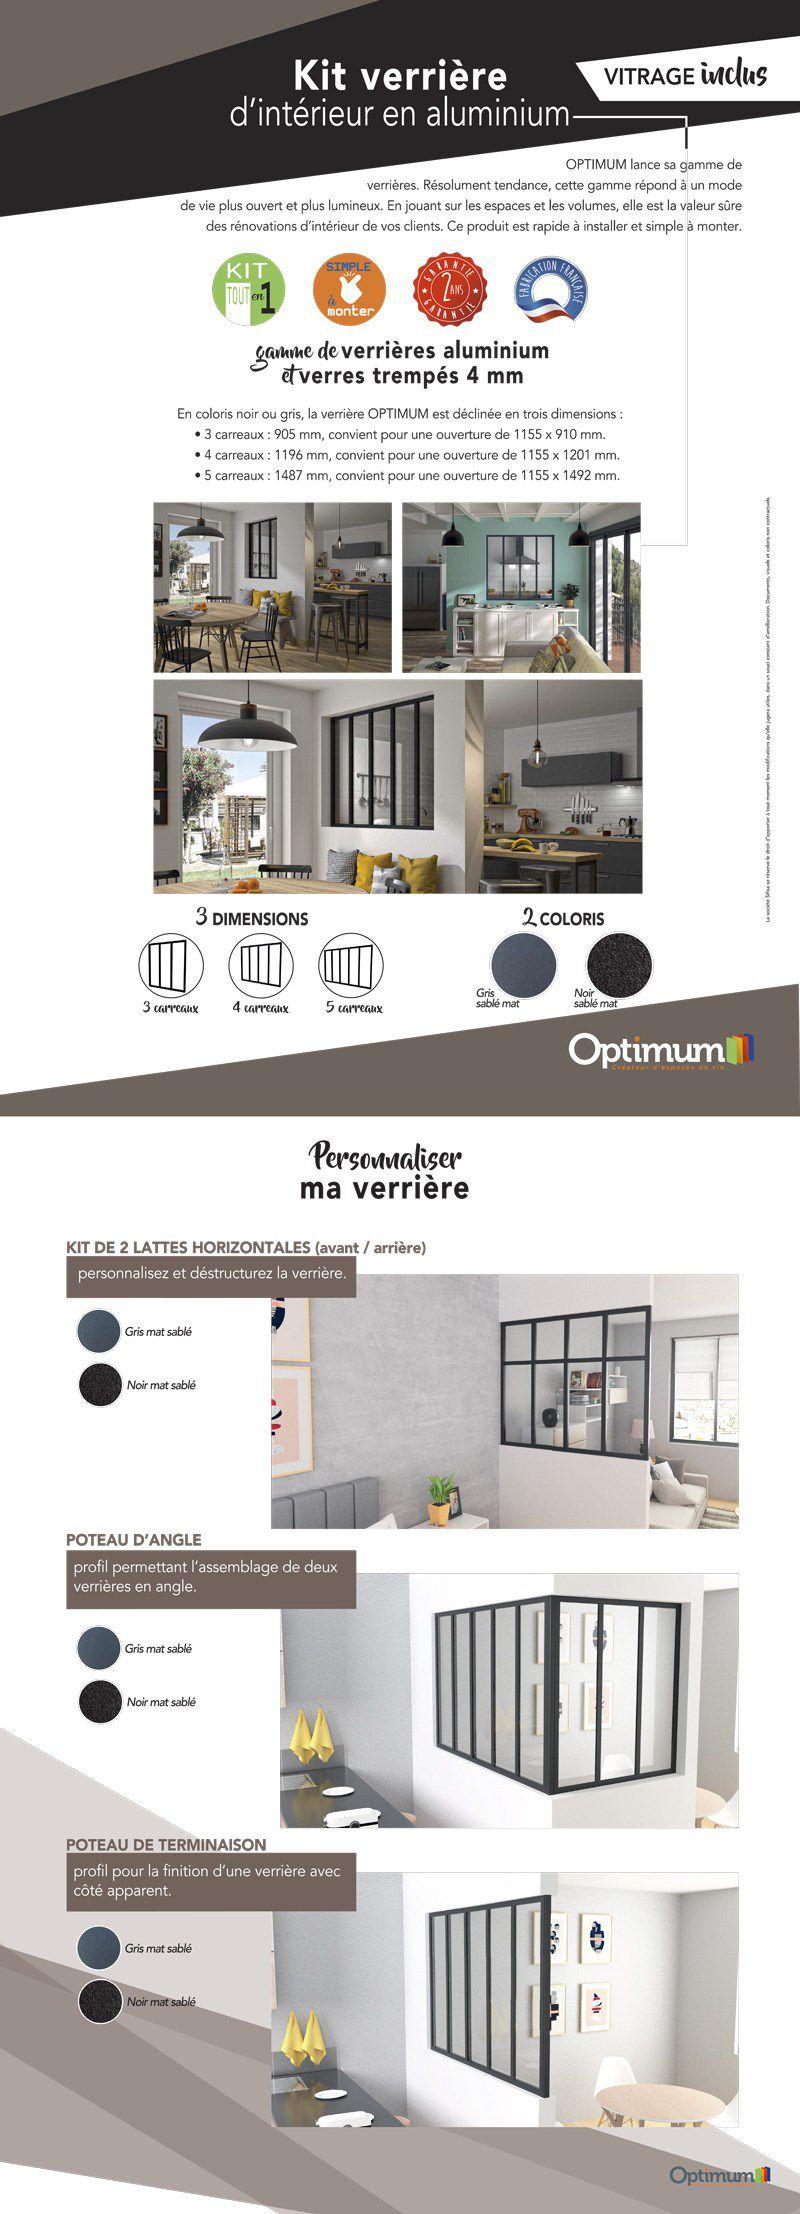 Verrière D Atelier Aluminium En Kit 4 Vitrages Inclus H 115 X L 120 Cm Noir Mat Optimum